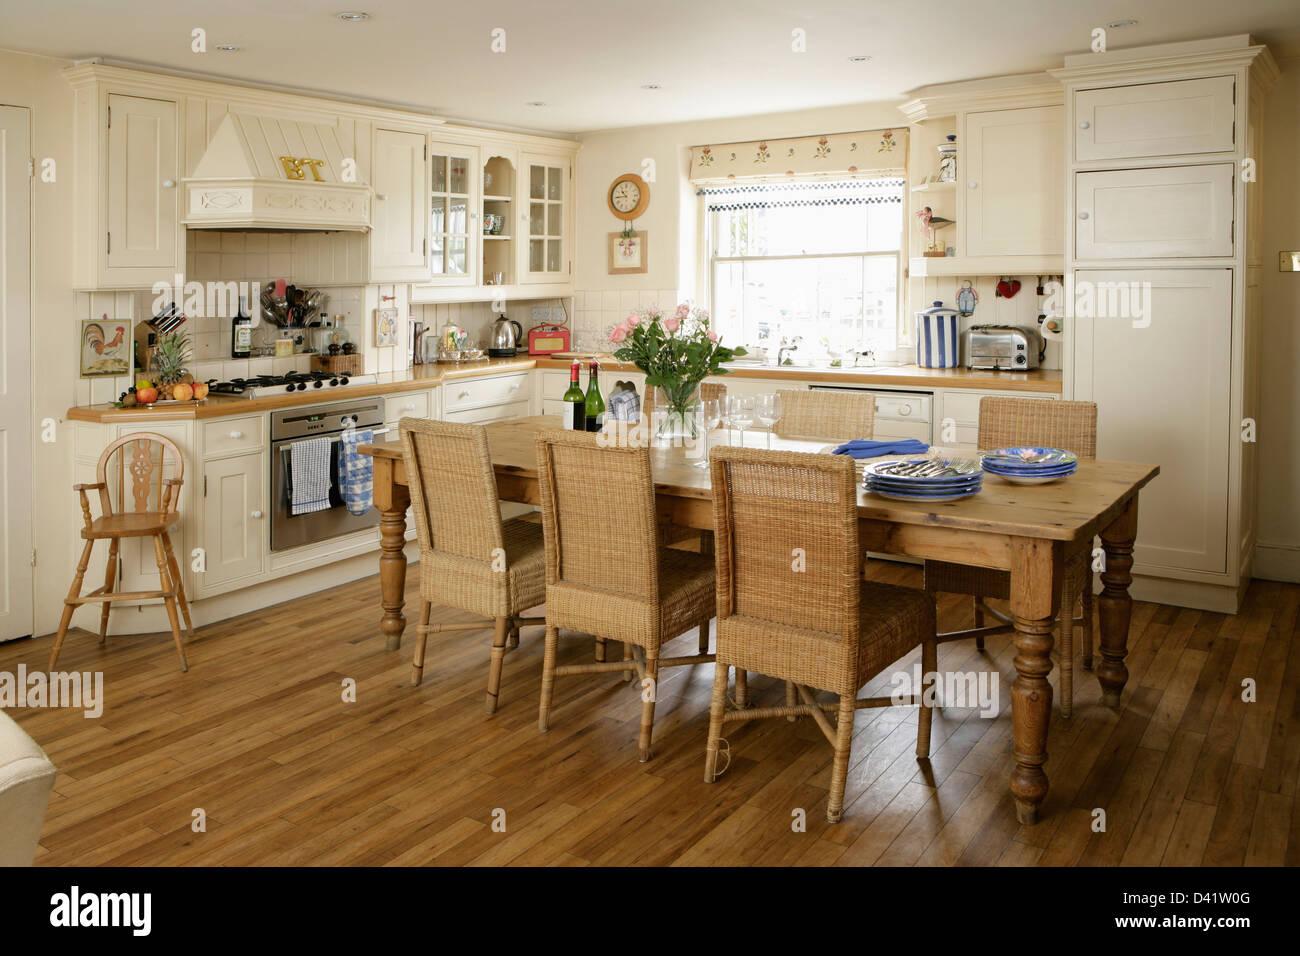 kiefer tisch good kuchentisch with kiefer tisch awesome finest kiefer tisch with kiefer tisch. Black Bedroom Furniture Sets. Home Design Ideas